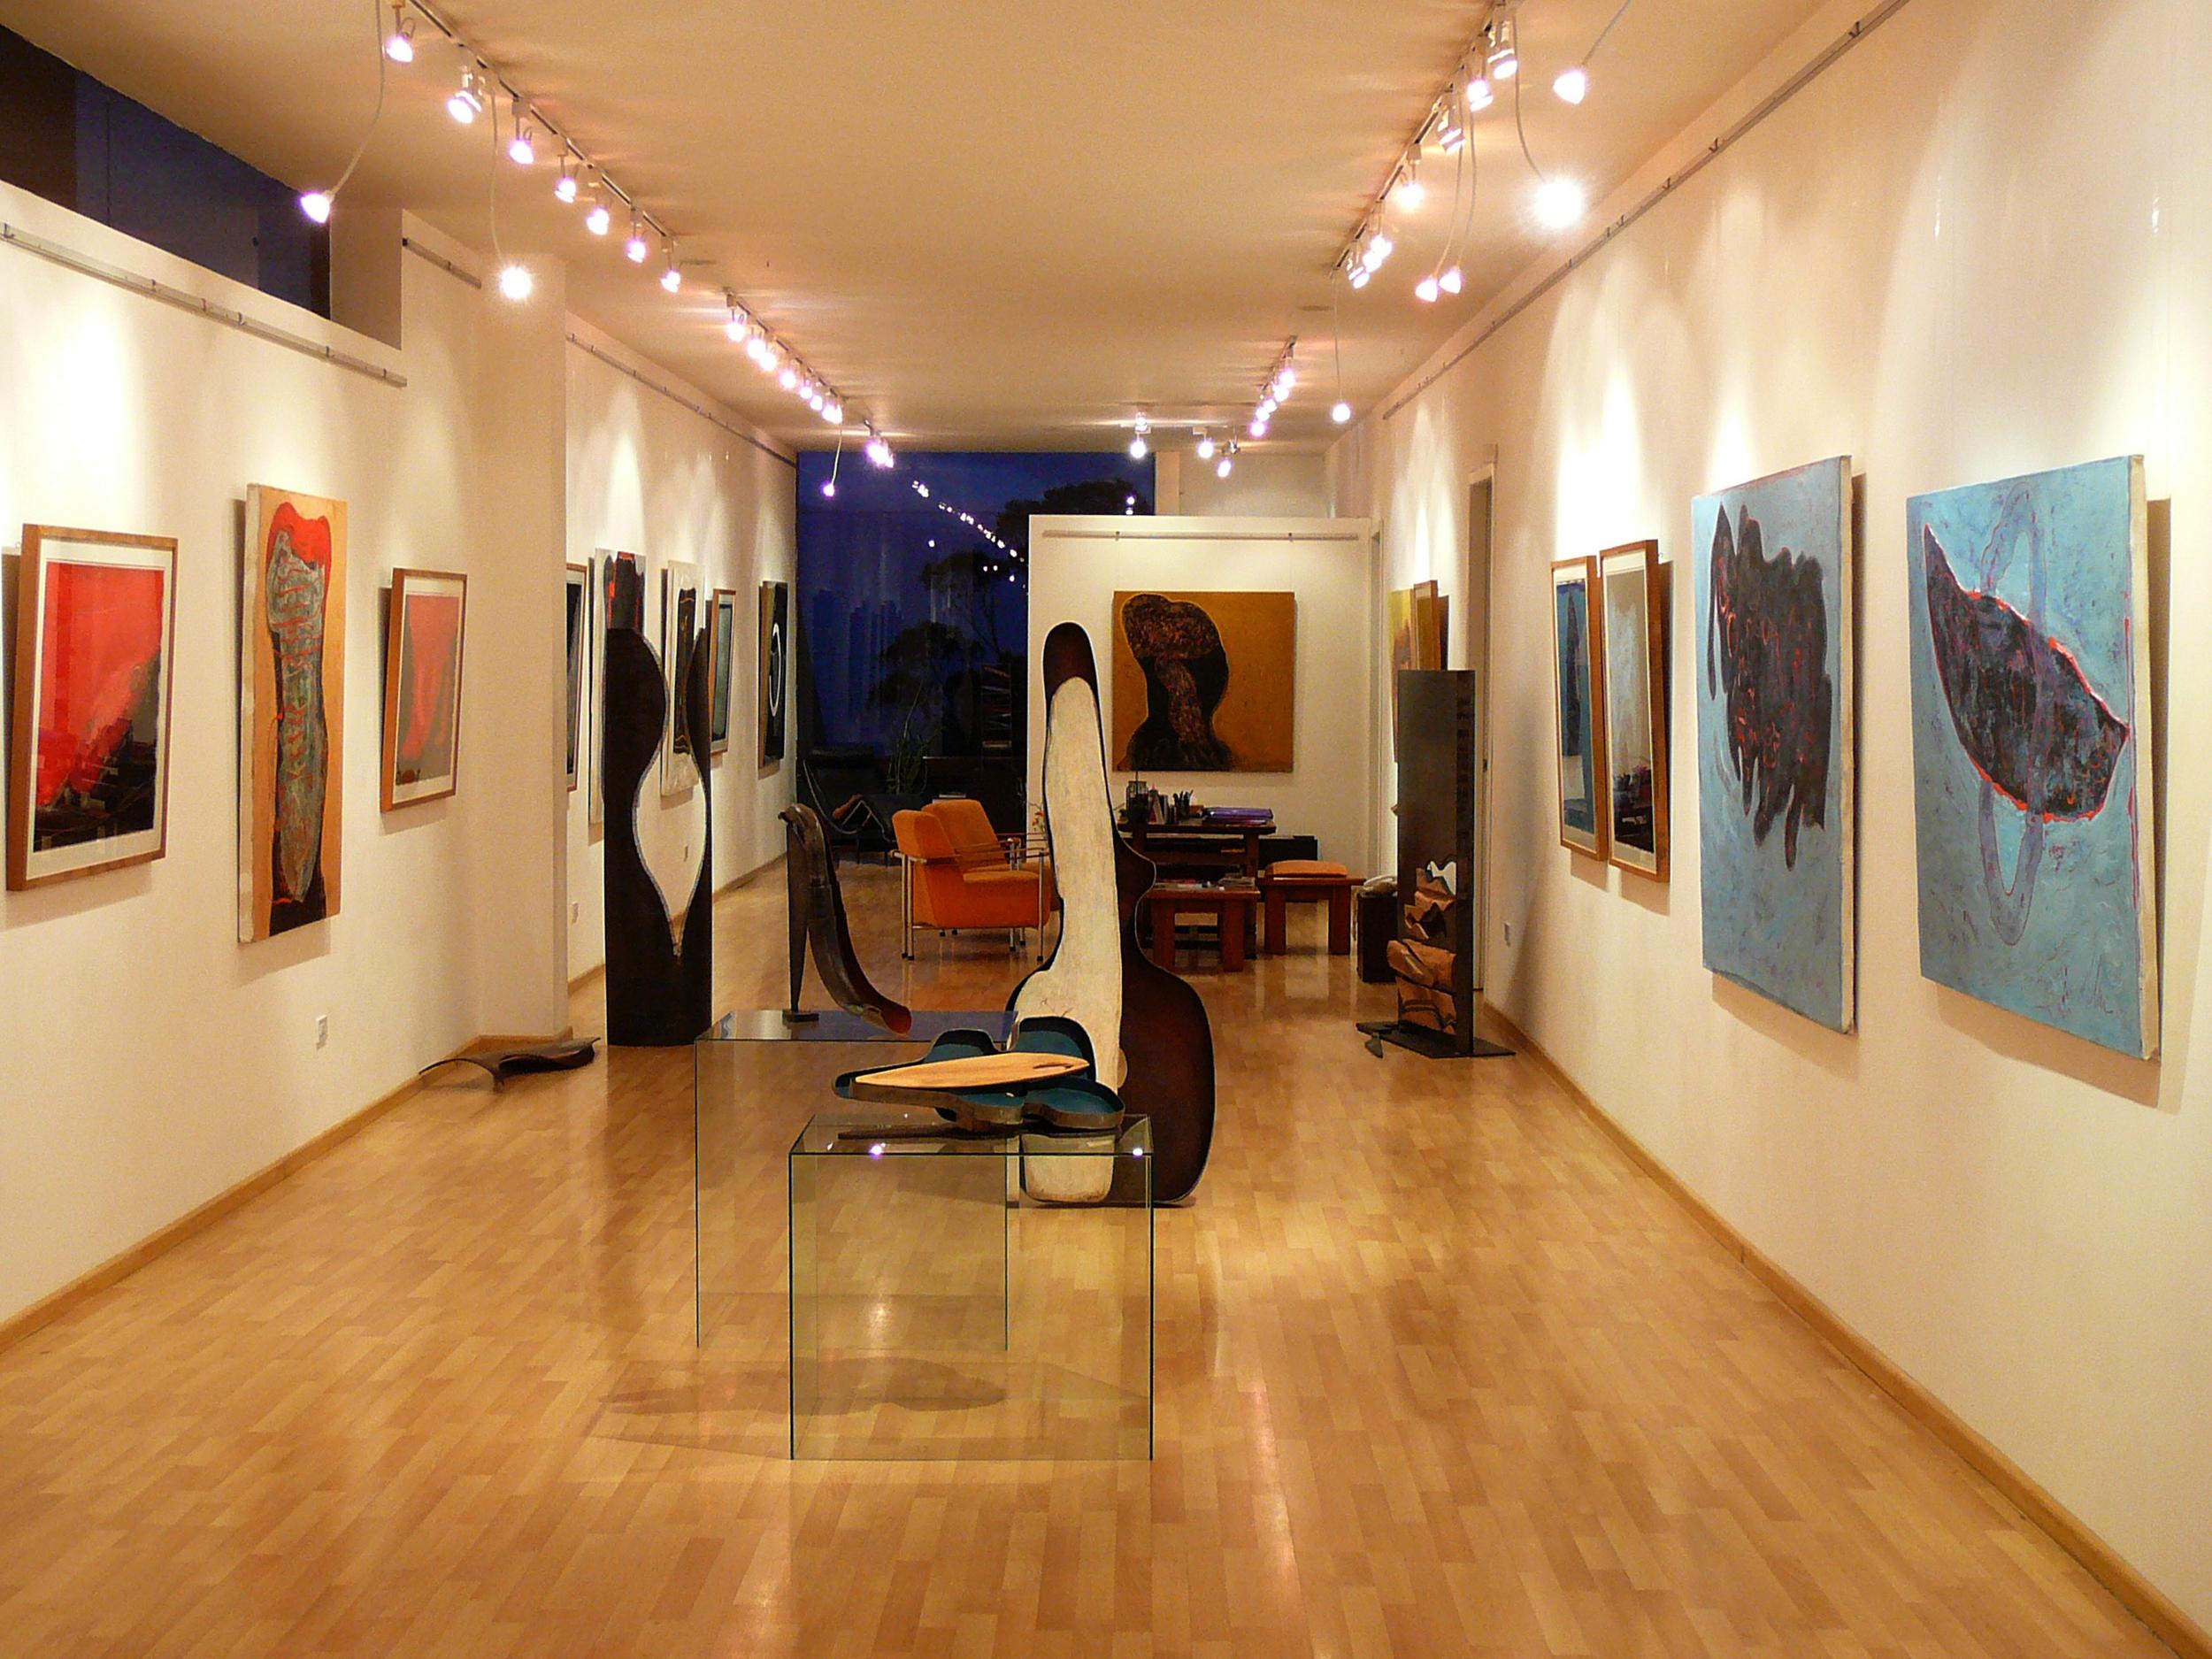 Exposición Unda y Baca mayo 2013 074.JPG